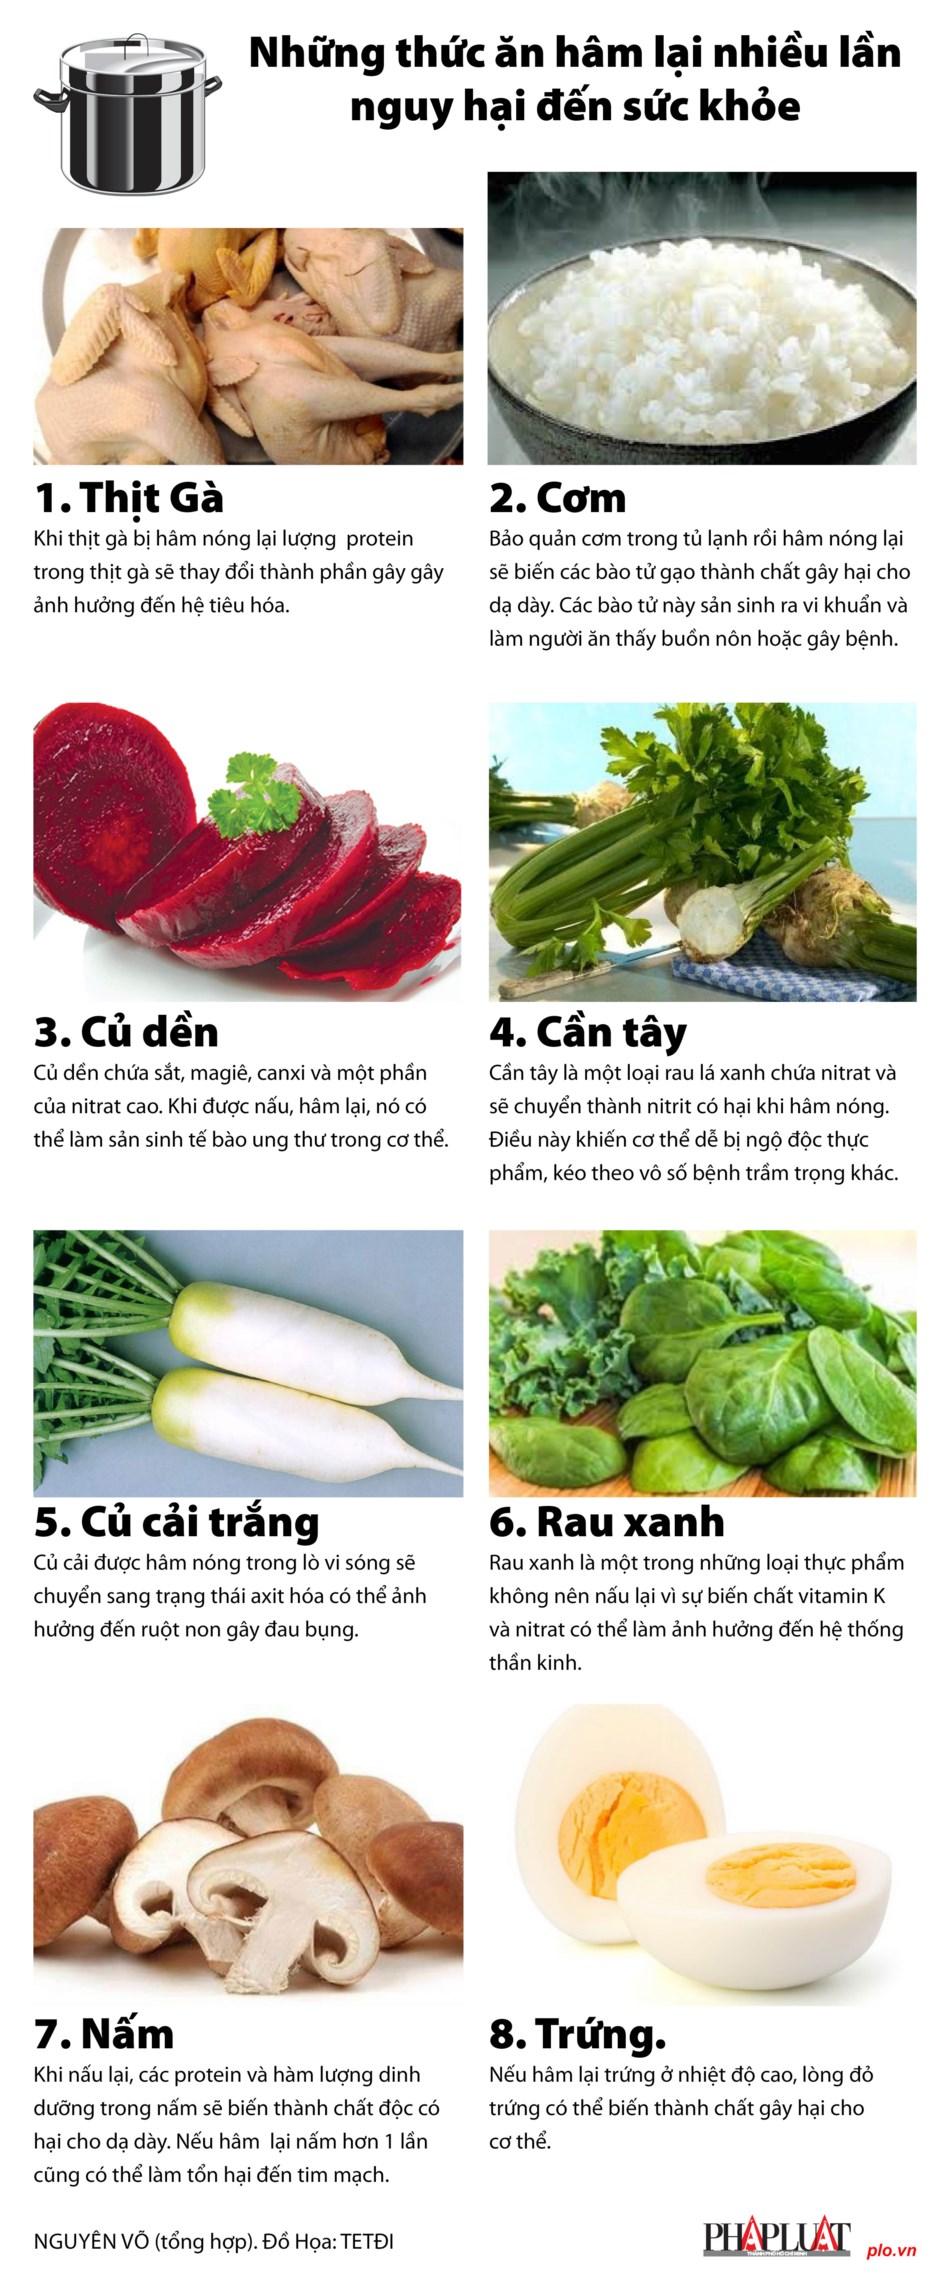 Những thức ăn hâm lại nhiều lần nguy hại đến sức khỏe - 1